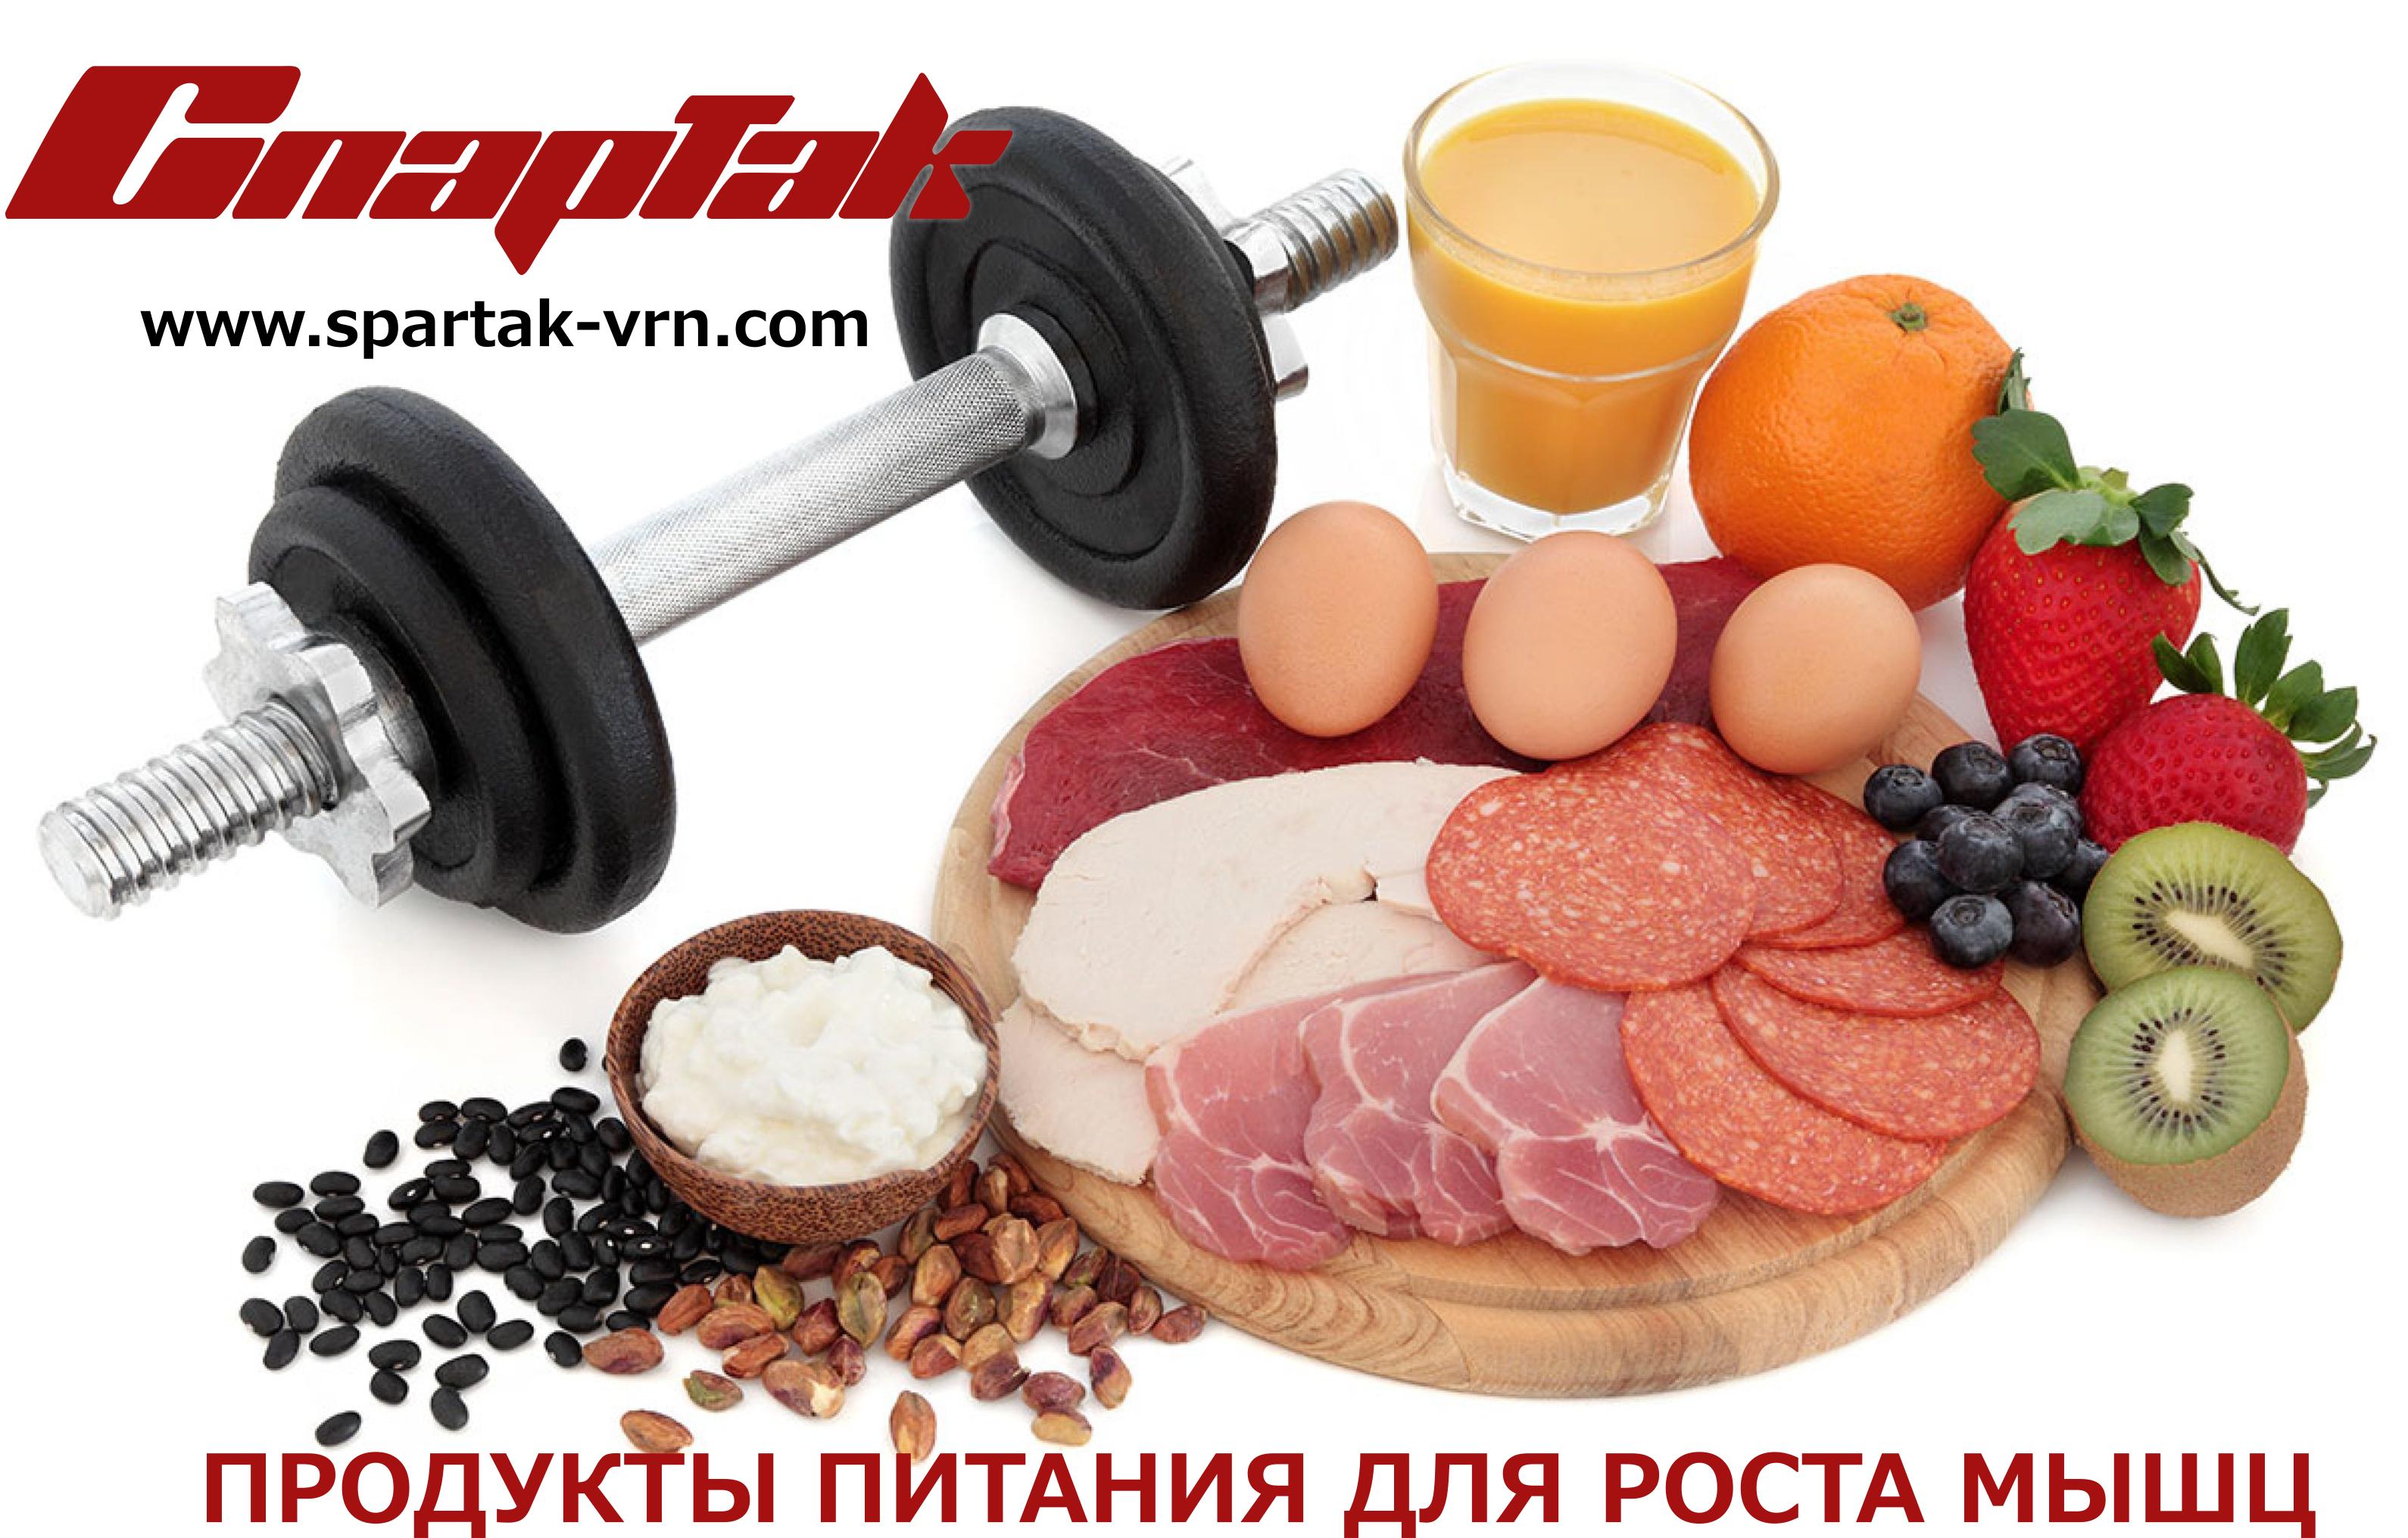 продукты питания для роста мышц Продукты питания для роста мышц